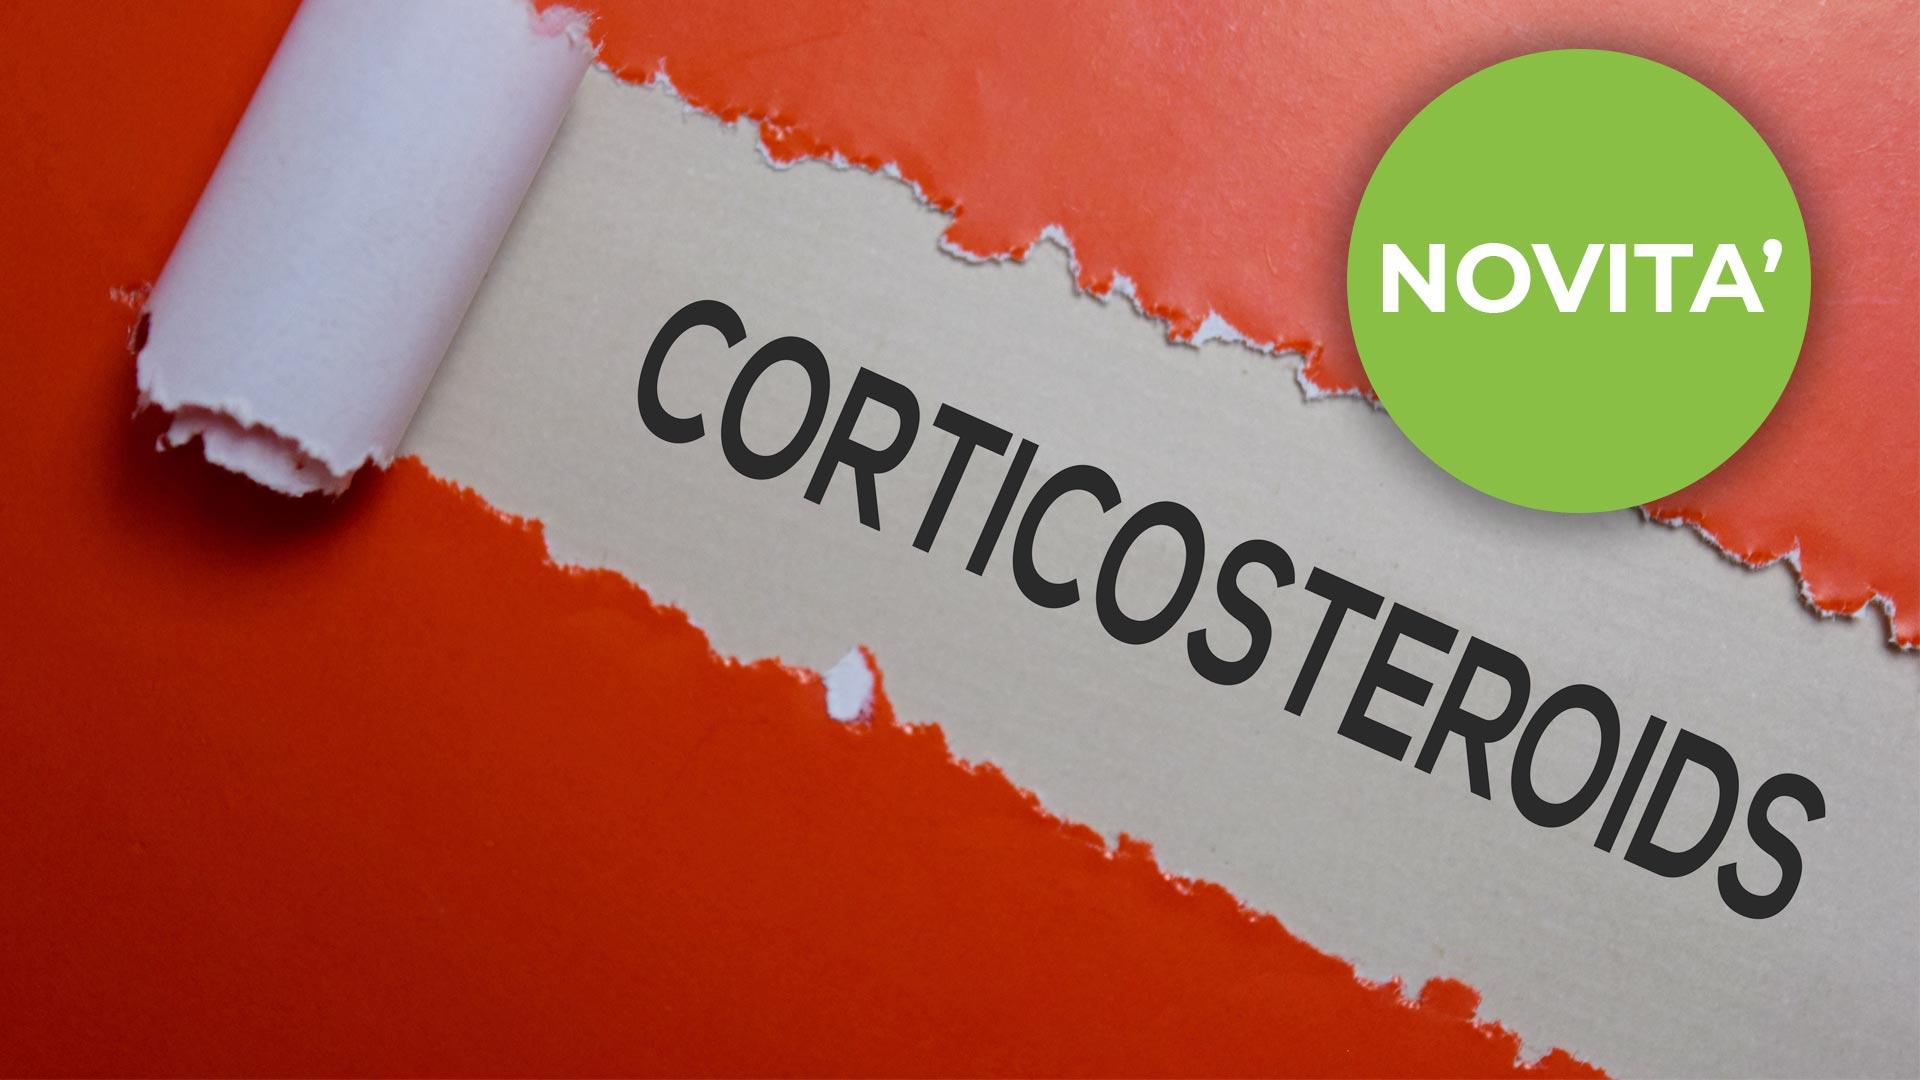 webinar-corticosteroidi